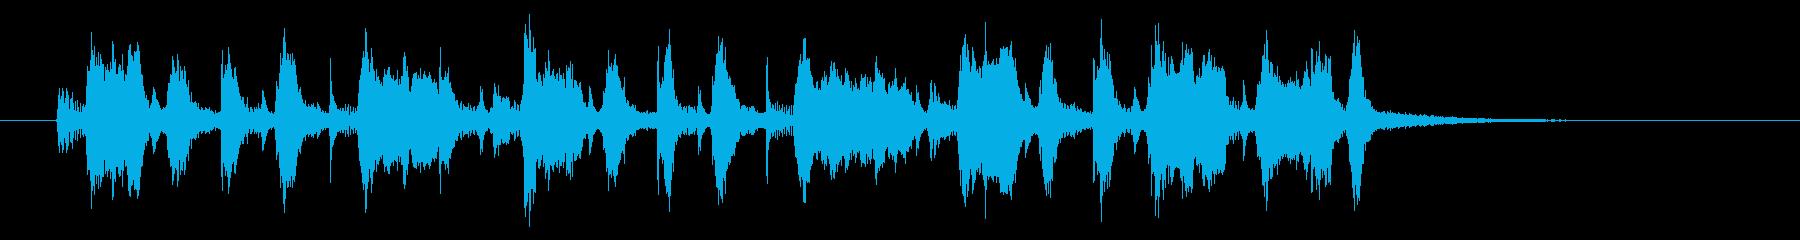 ムーディなトランペットジャズ風ジングルの再生済みの波形